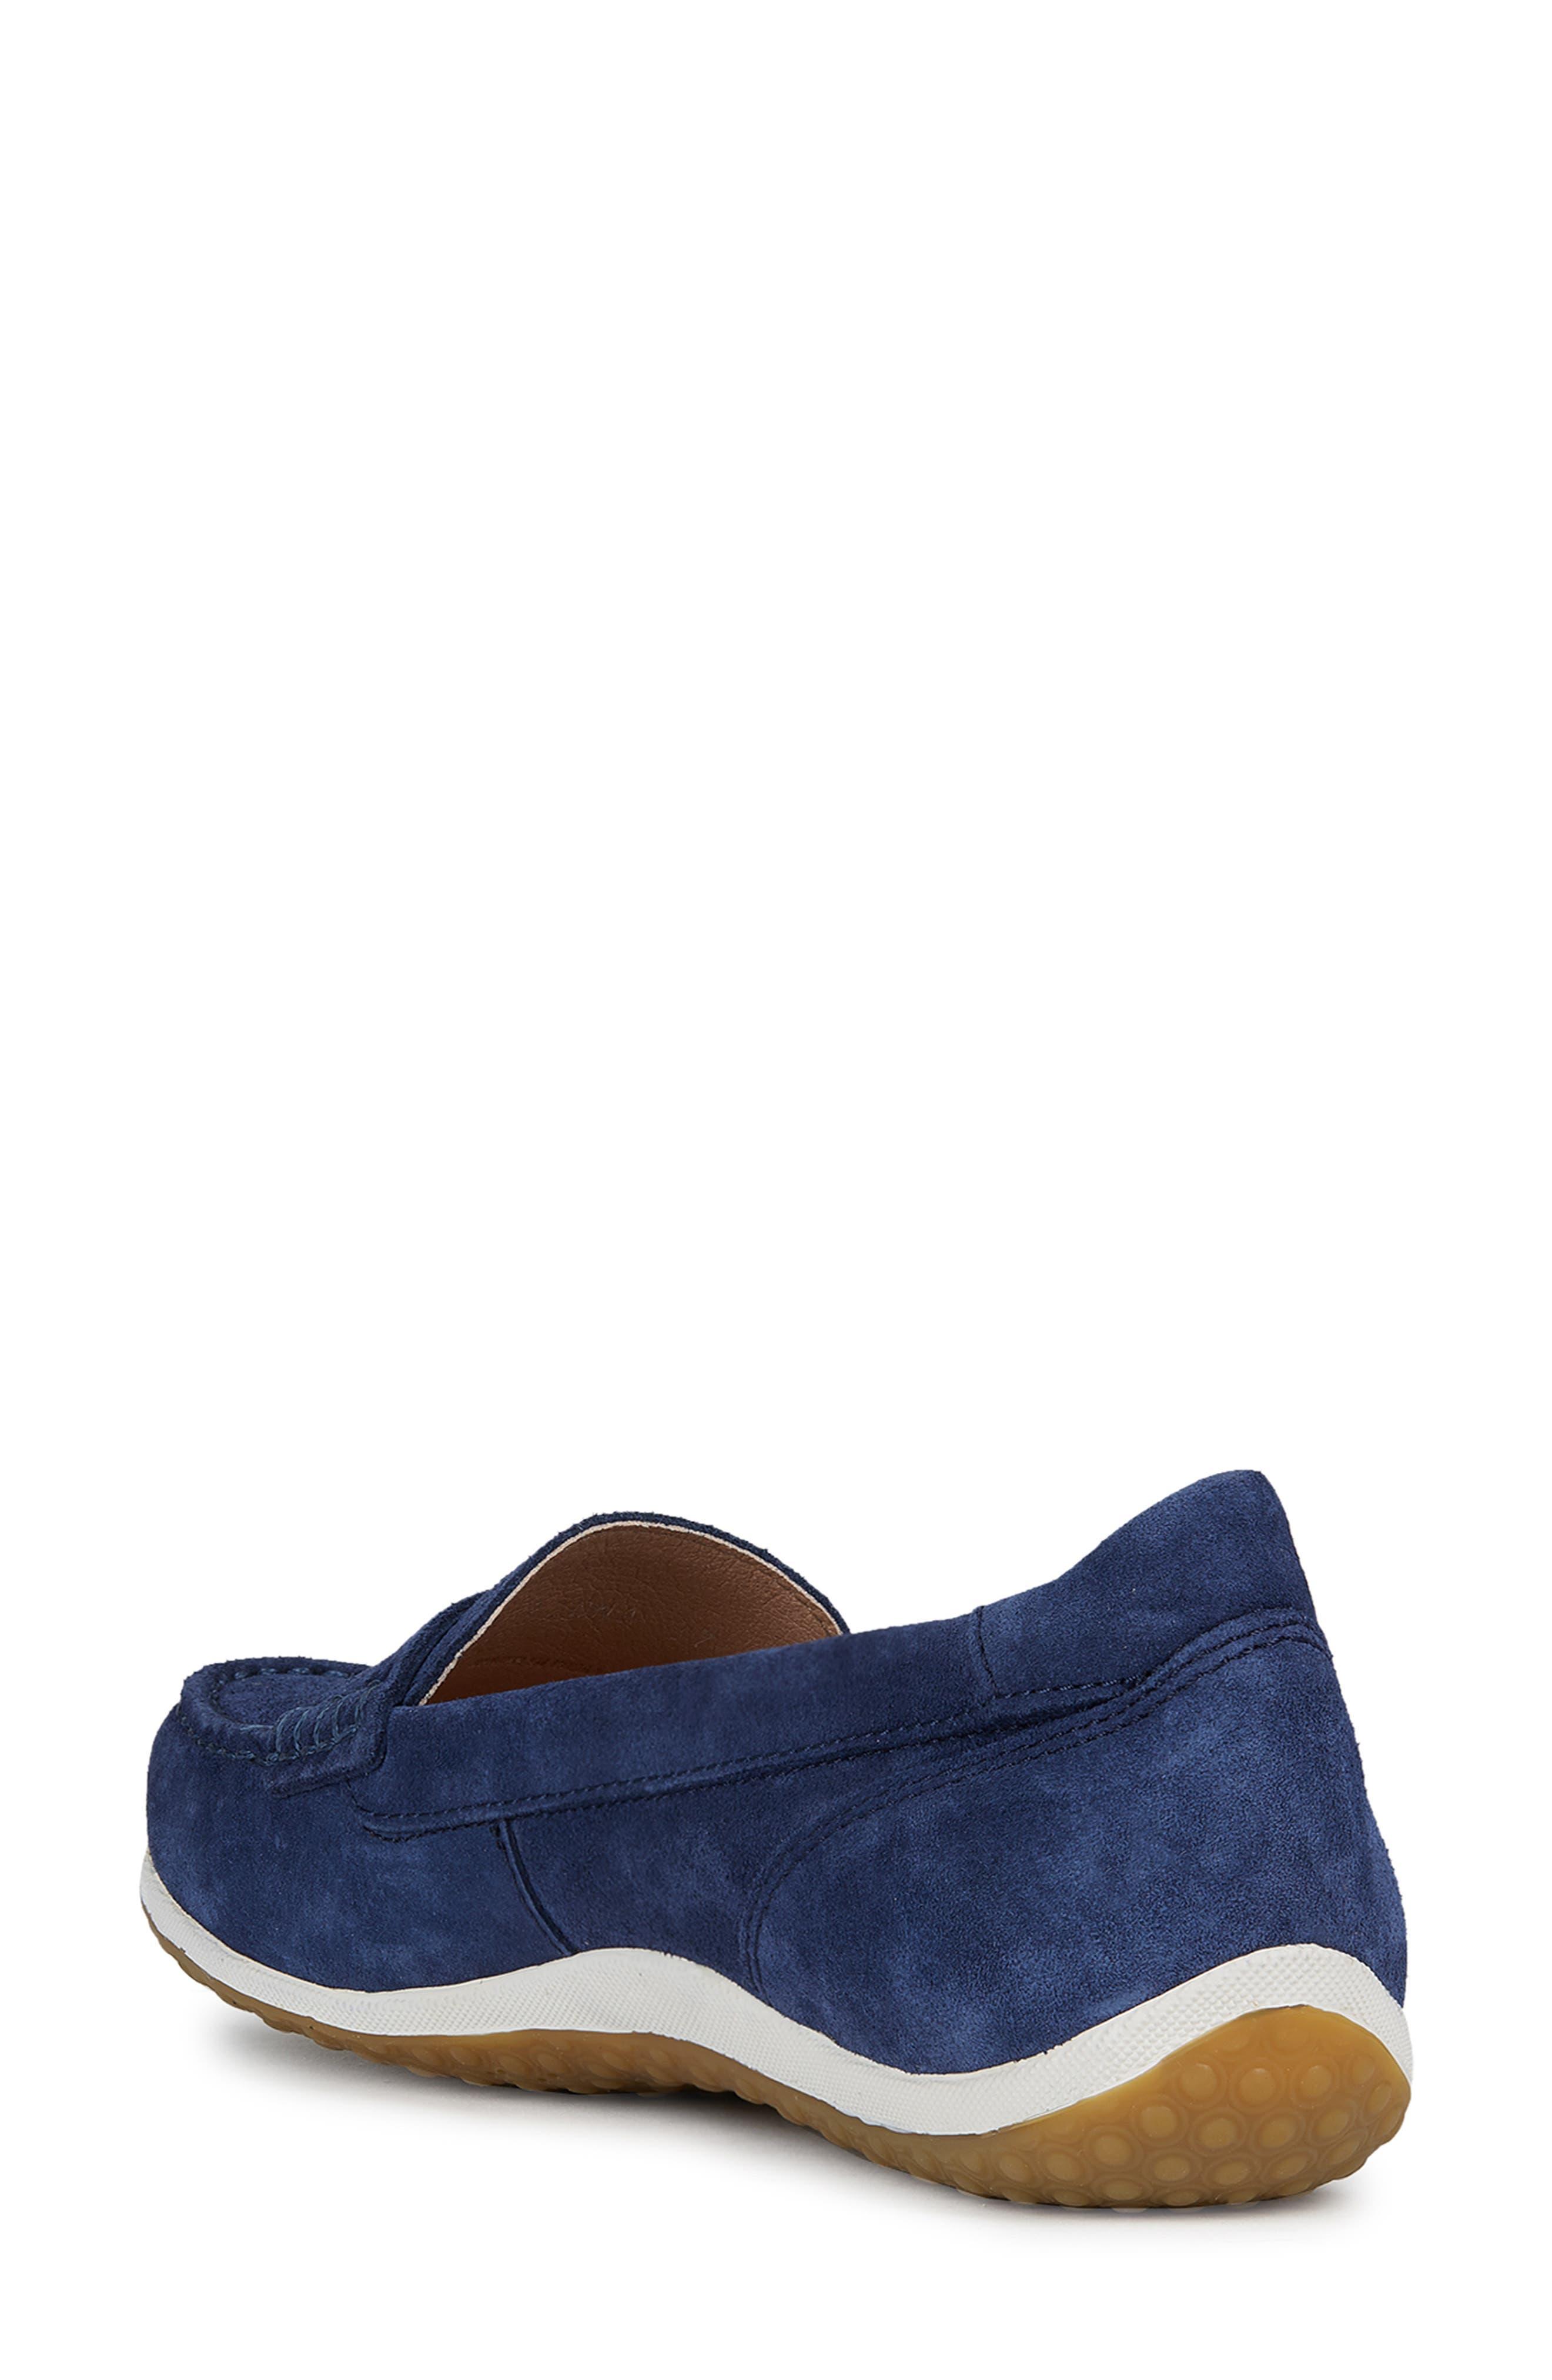 GEOX, Vega Moc Loafer, Alternate thumbnail 2, color, BLUE SUEDE